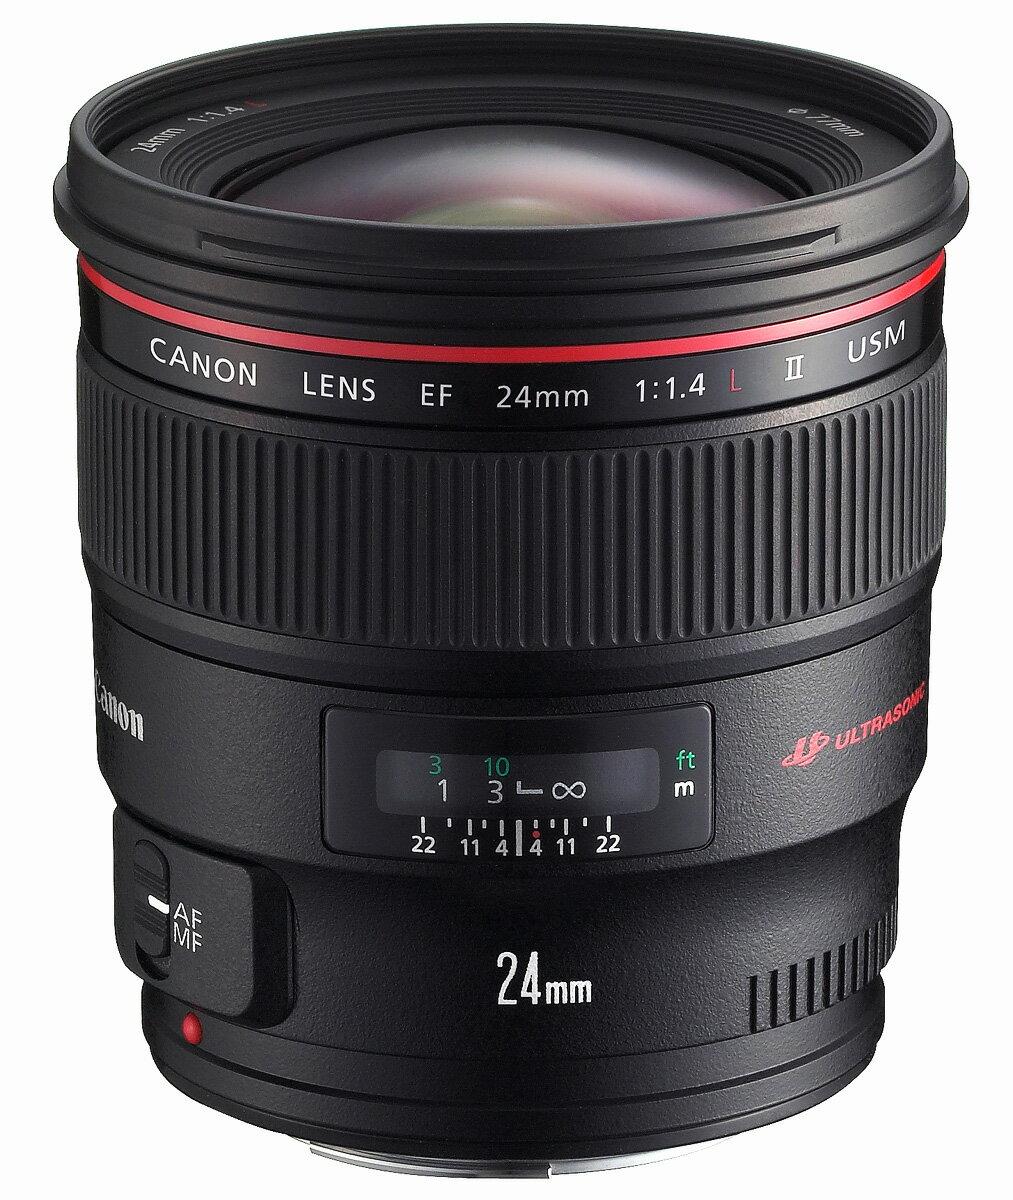 [3年保険付] Canon EF24mm F1.4L II USM『1~2営業日後の発送』薄暗い室内や光量の足りない場所で活躍するF1.4の大口径・広角レンズ【RCP】[fs04gm][02P05Nov16]